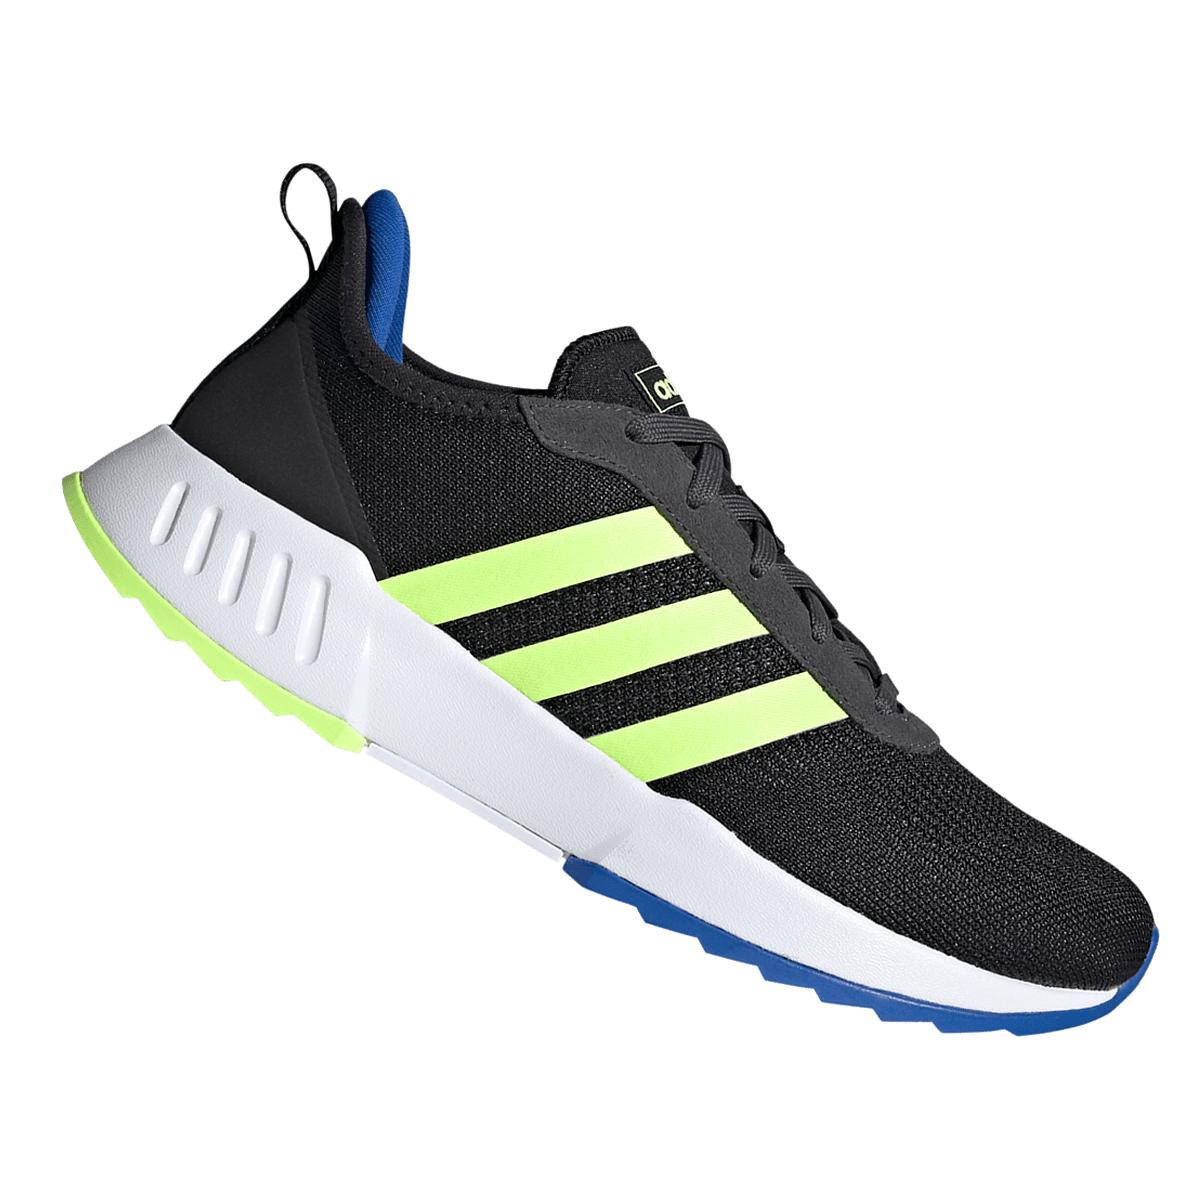 adidas Schuh Phosphere Turnschuhe für Freizeit oder Sport in Schwarz (Gr. 40-45)